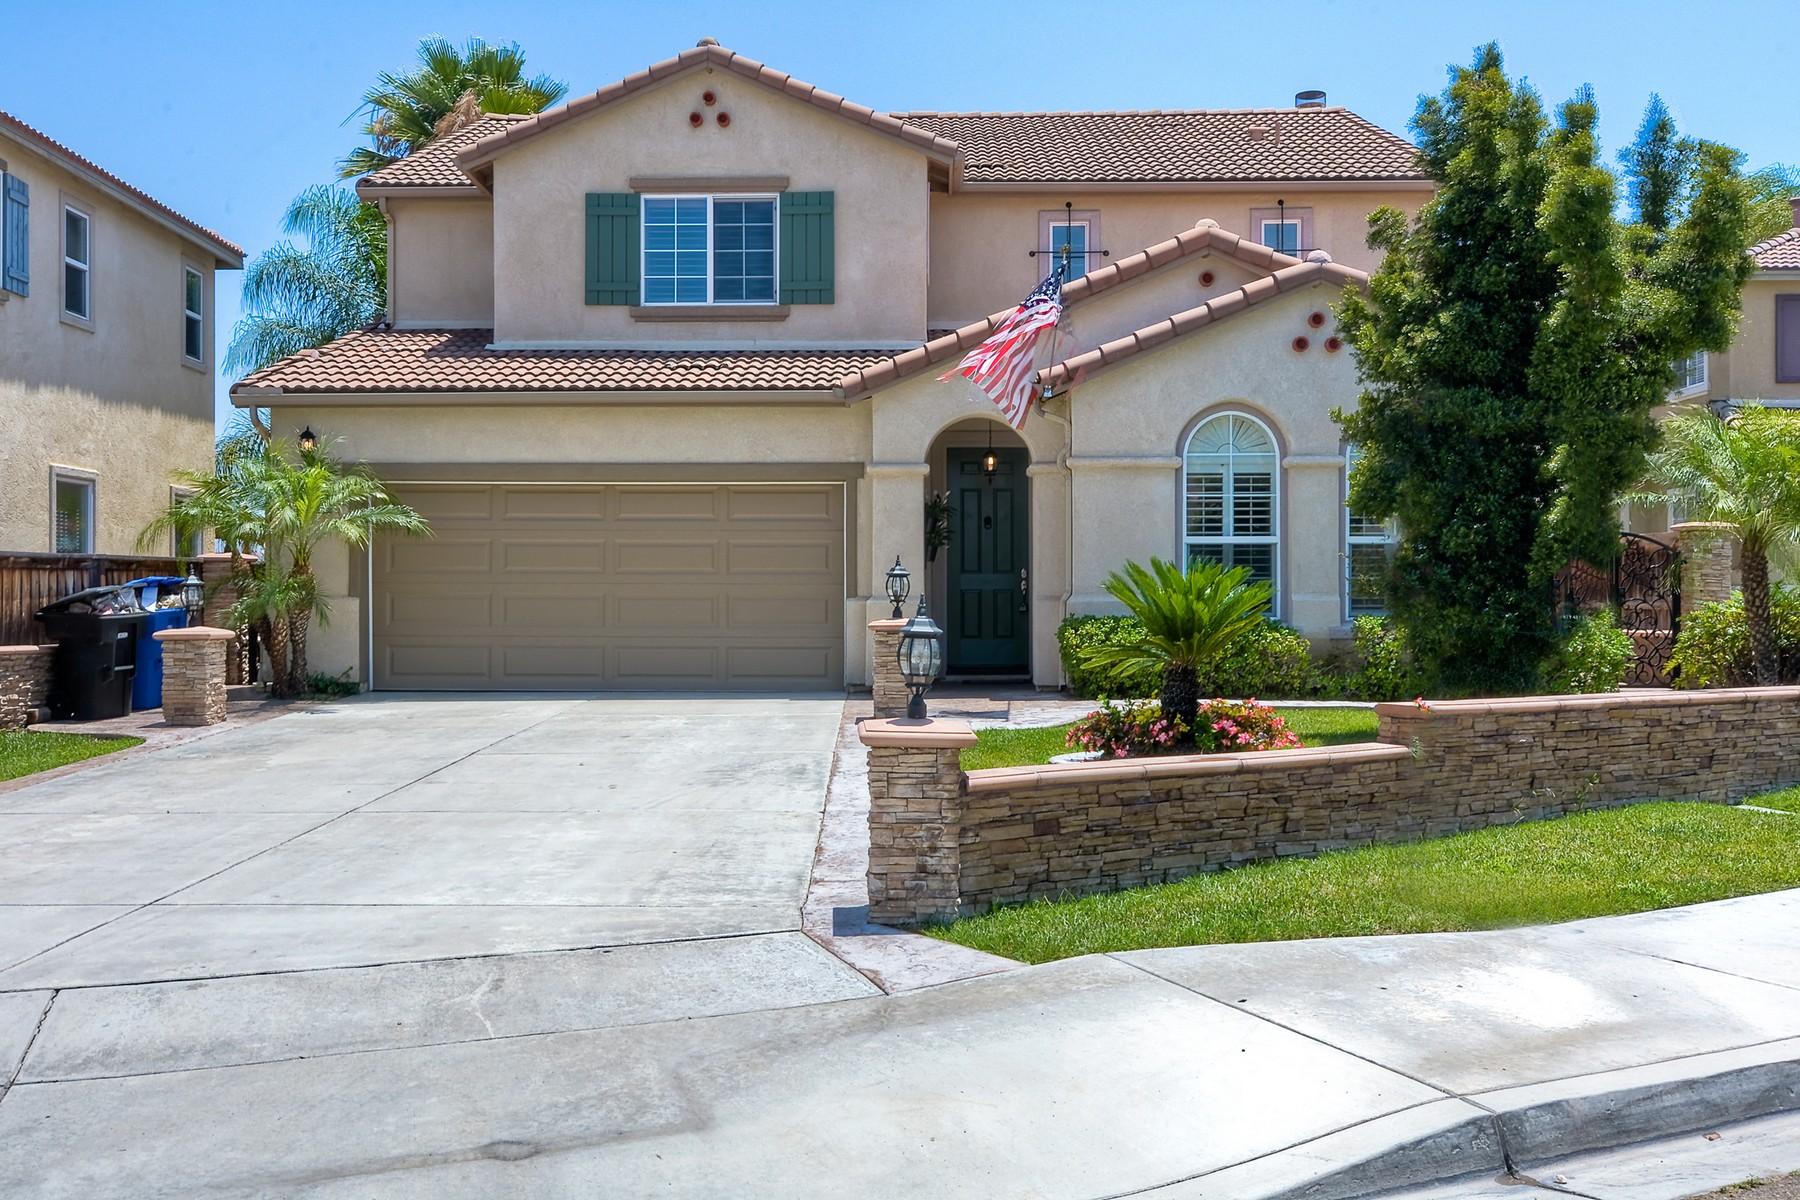 Single Family Home for Sale at 214 Corte Condesa 2114 Corte Condesa Chula Vista, California 91914 United States